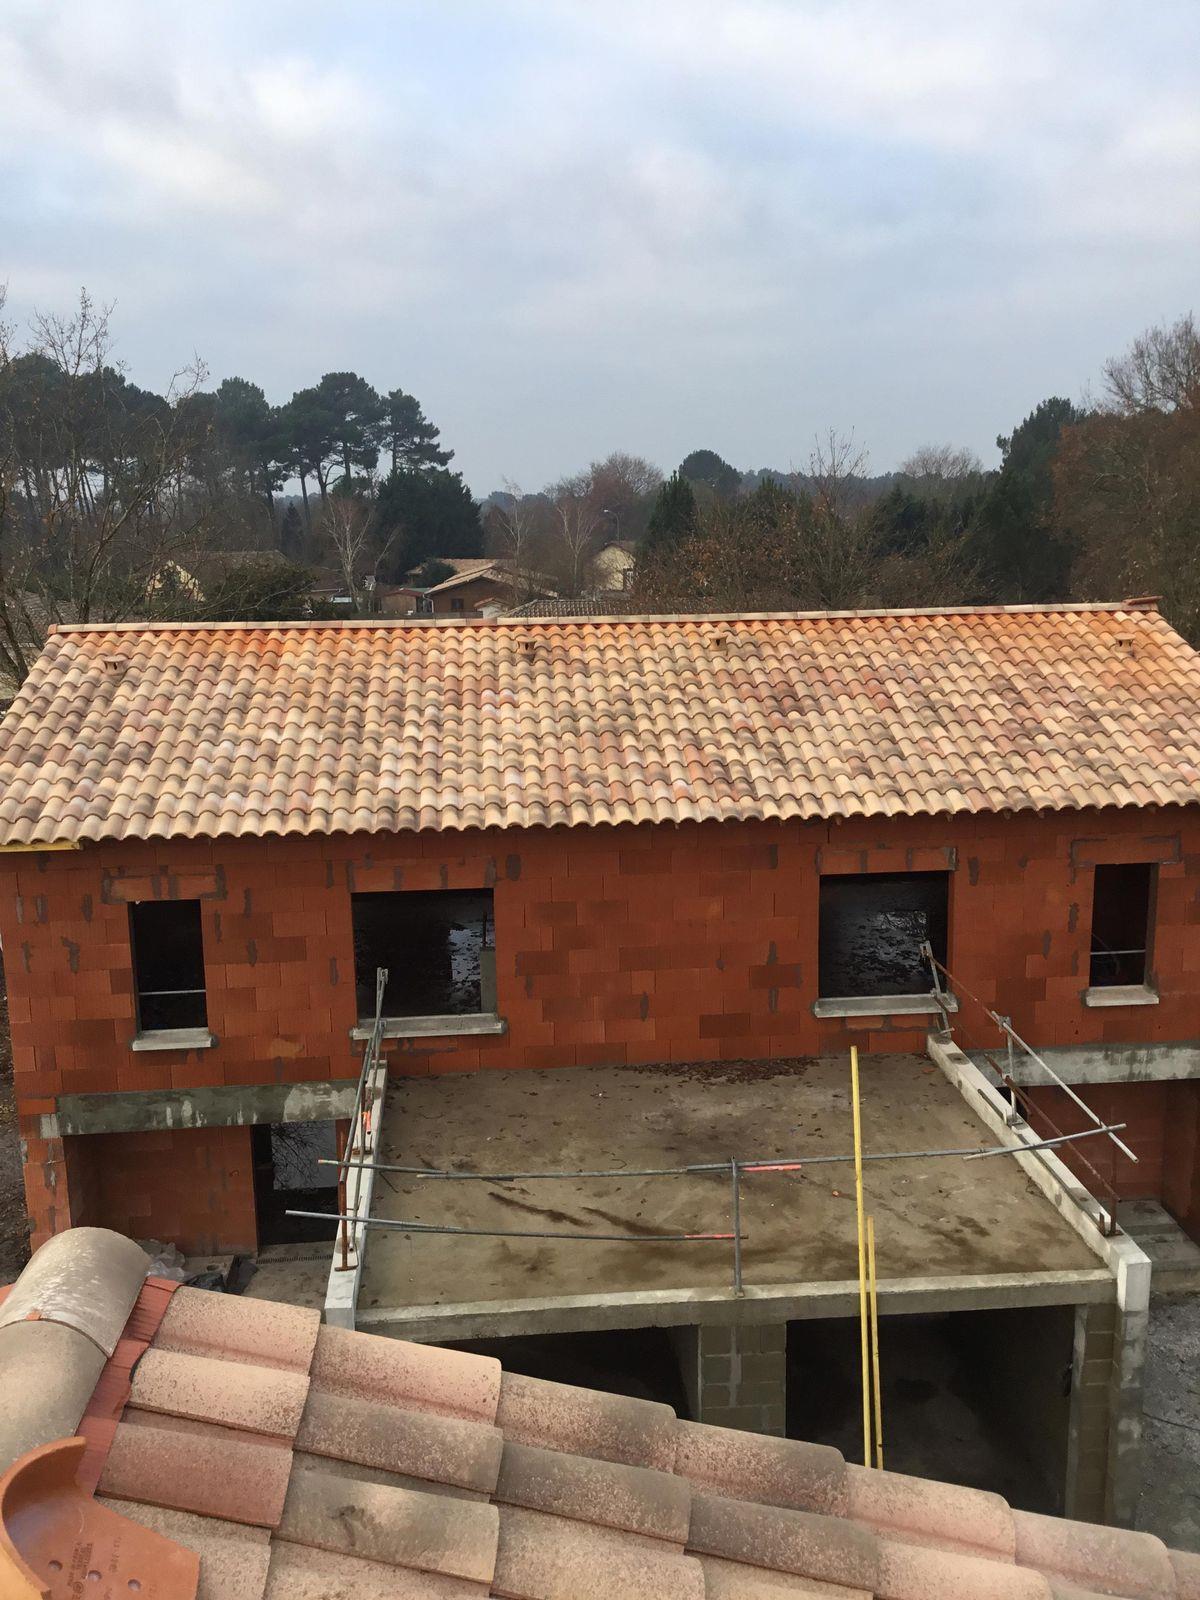 Couverture tuile de terre cuite couvreur bordeaux libourne cavignac construction maison neuve for Construction maison neuve bordeaux